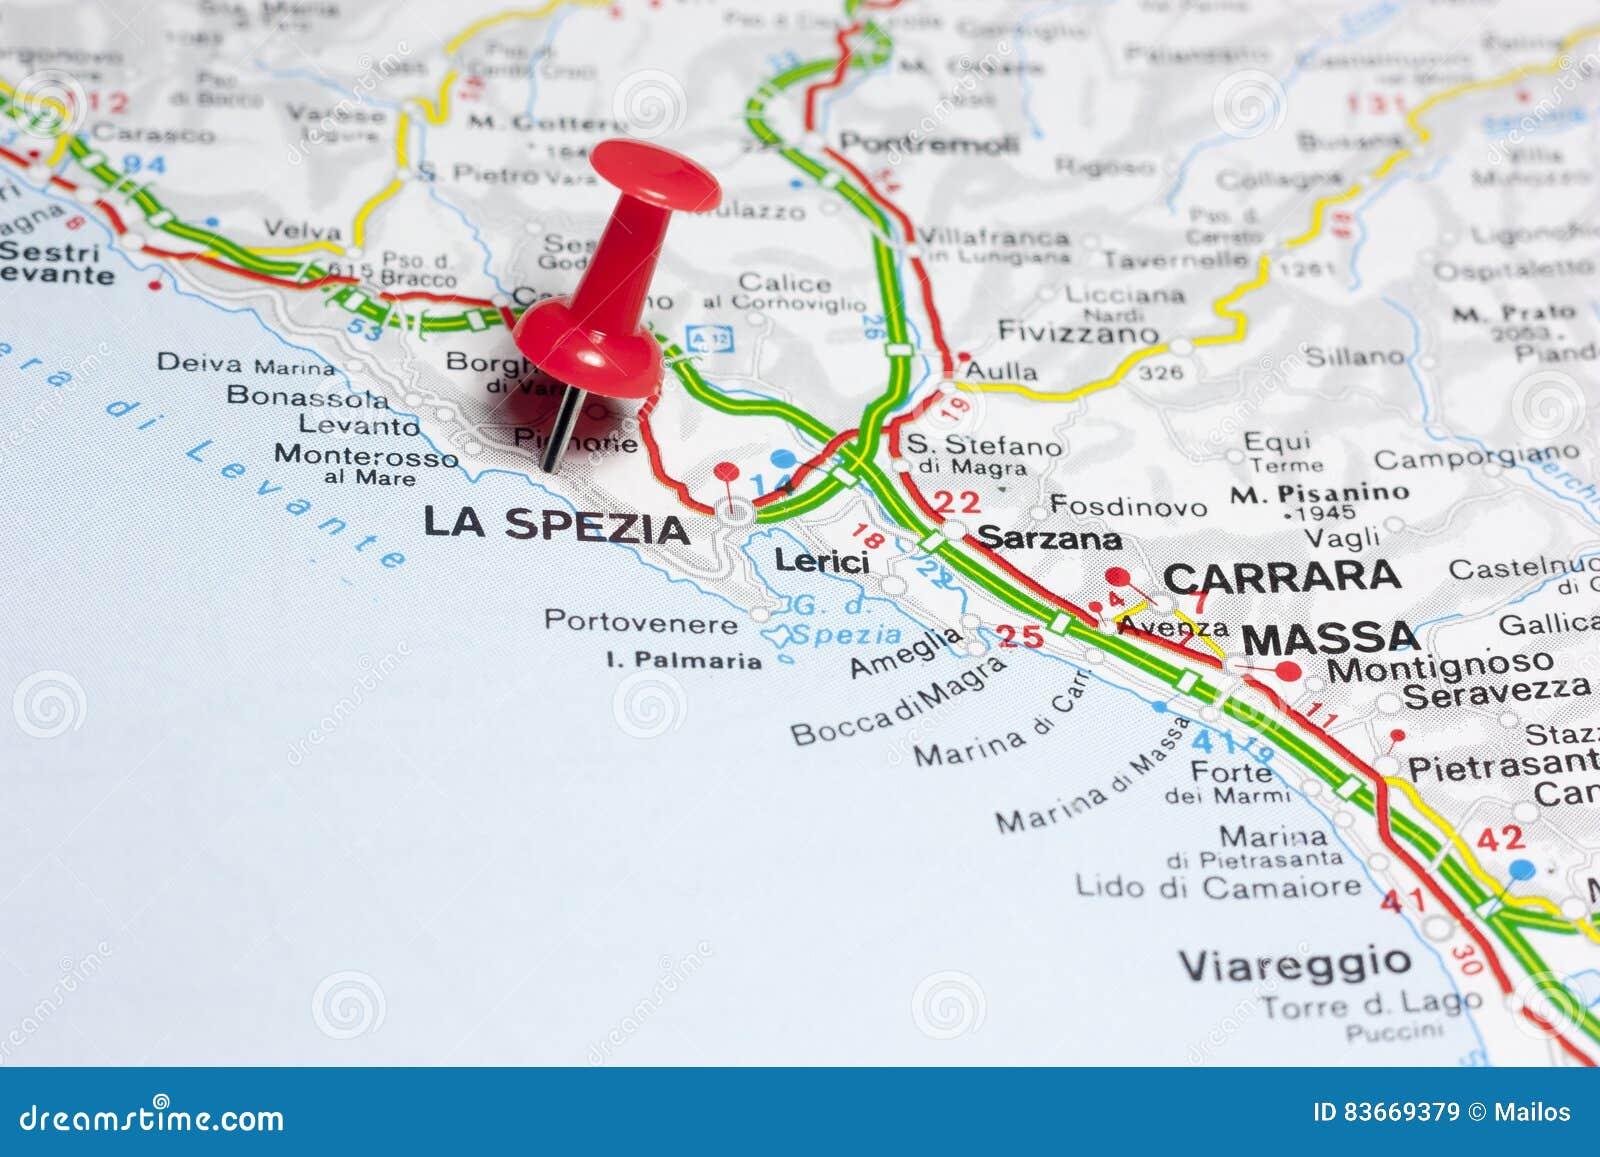 Cartina Italia La Spezia.La Spezia Italia Su Una Mappa Immagine Stock Immagine Di Rotondo Isolato 83669379